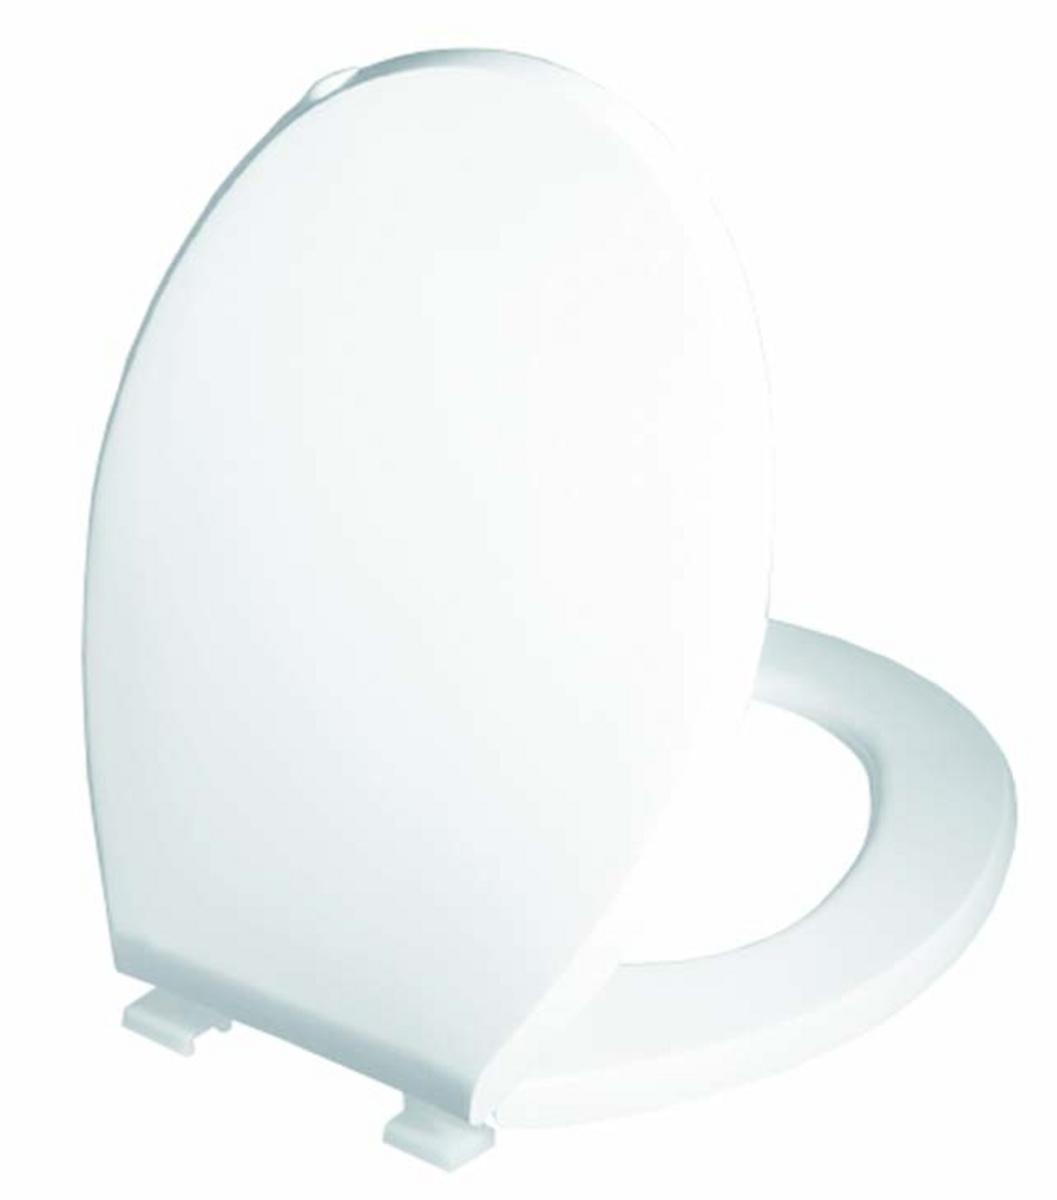 Abattant wc rond blanc plastique Ø 37 cm Gilac